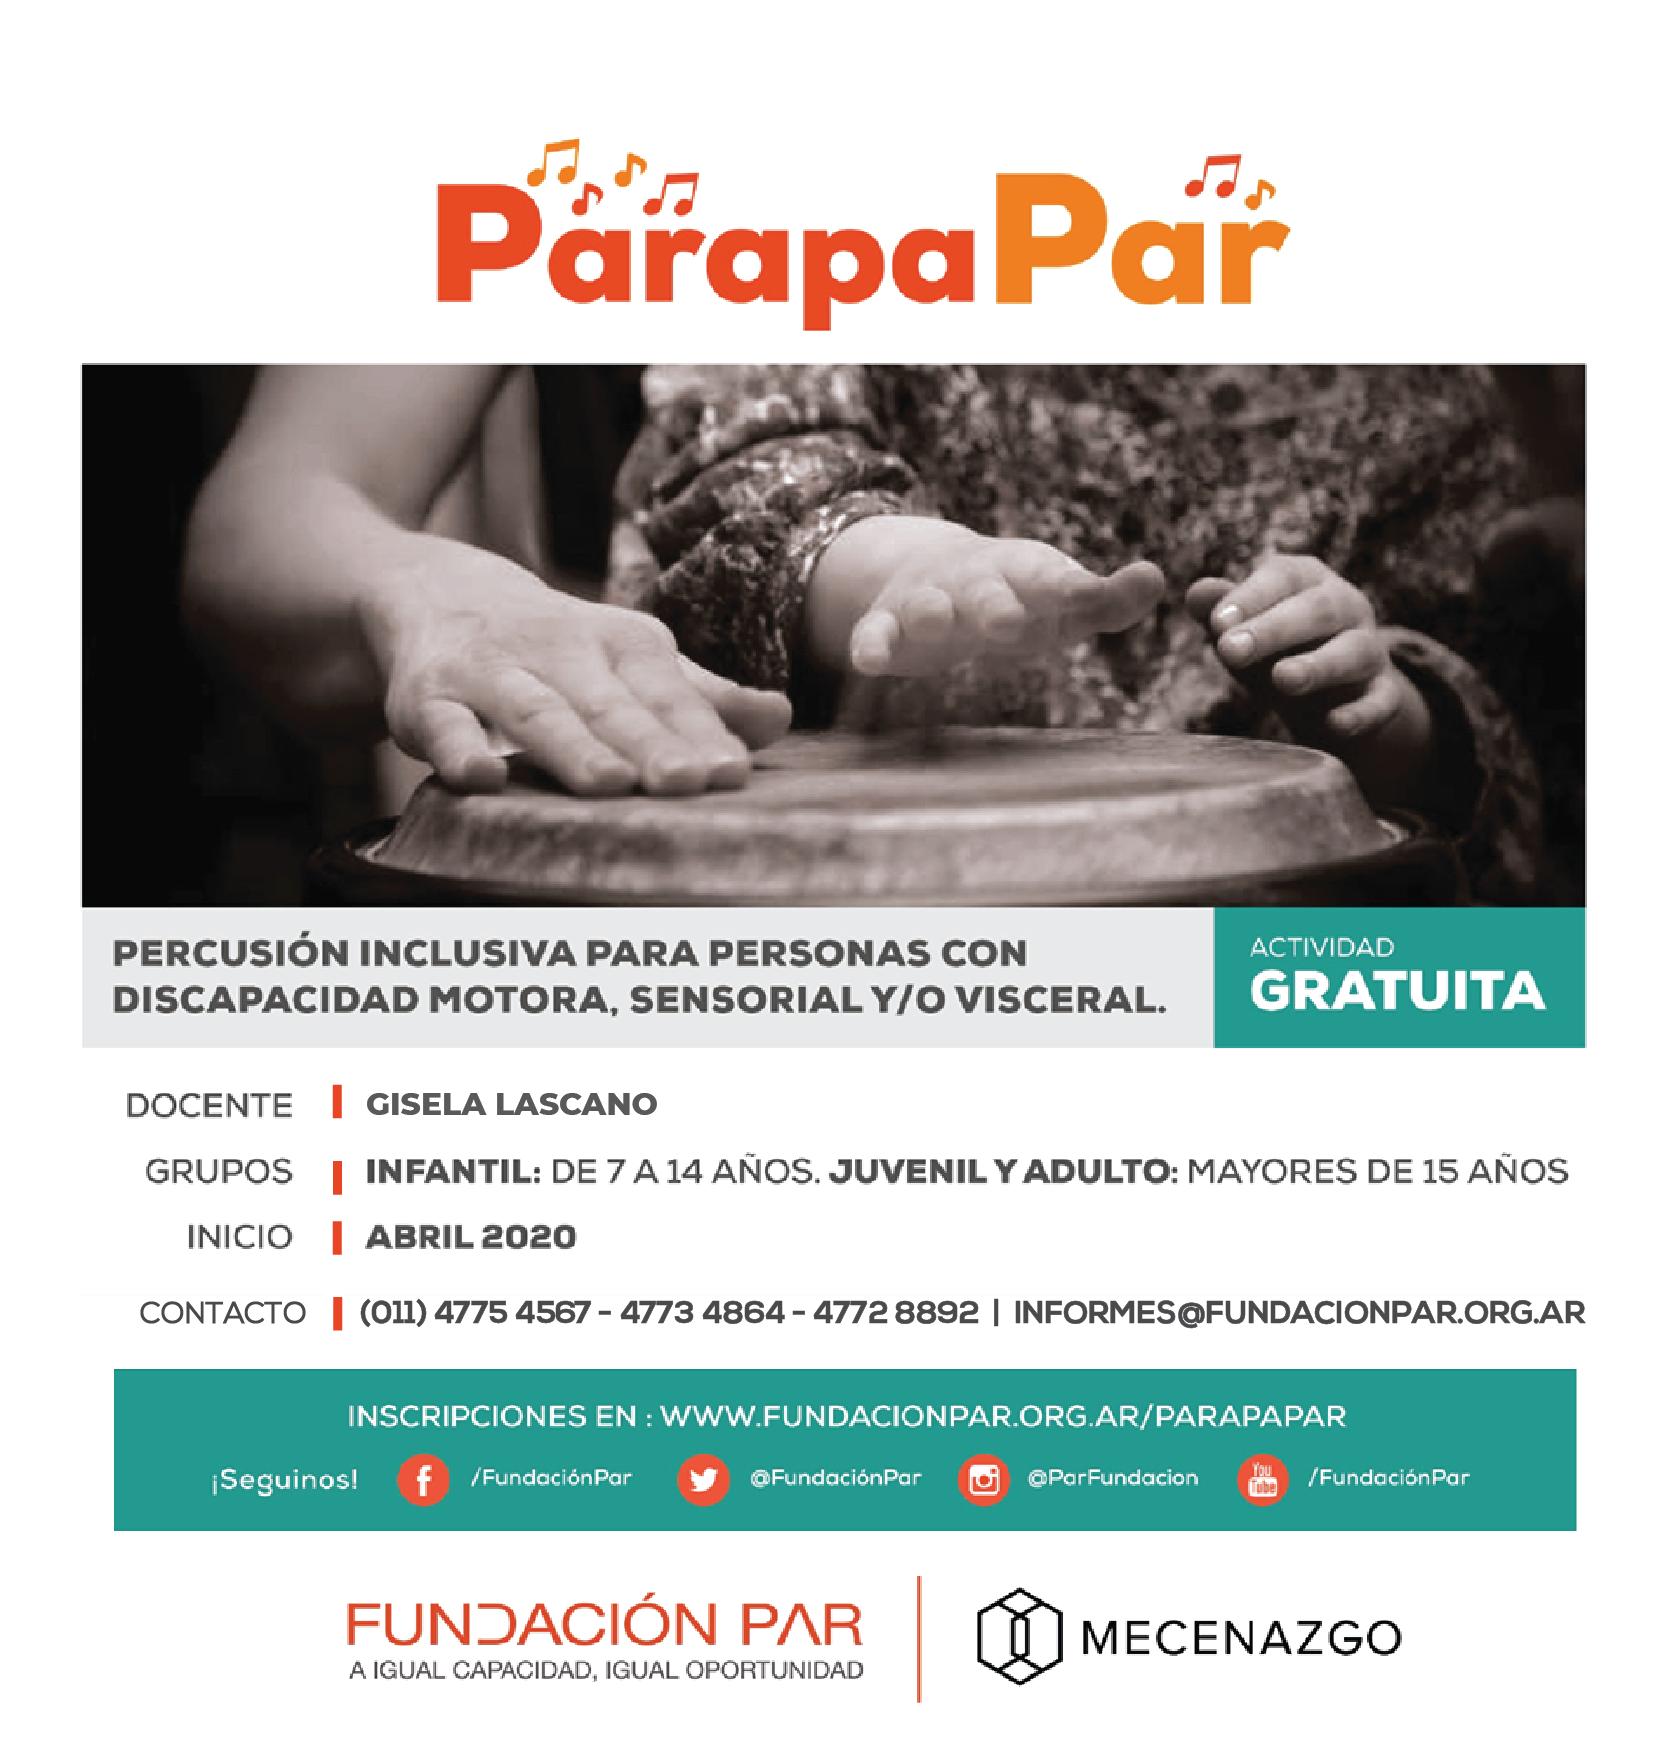 ParapaPar-Fundación_Par-01